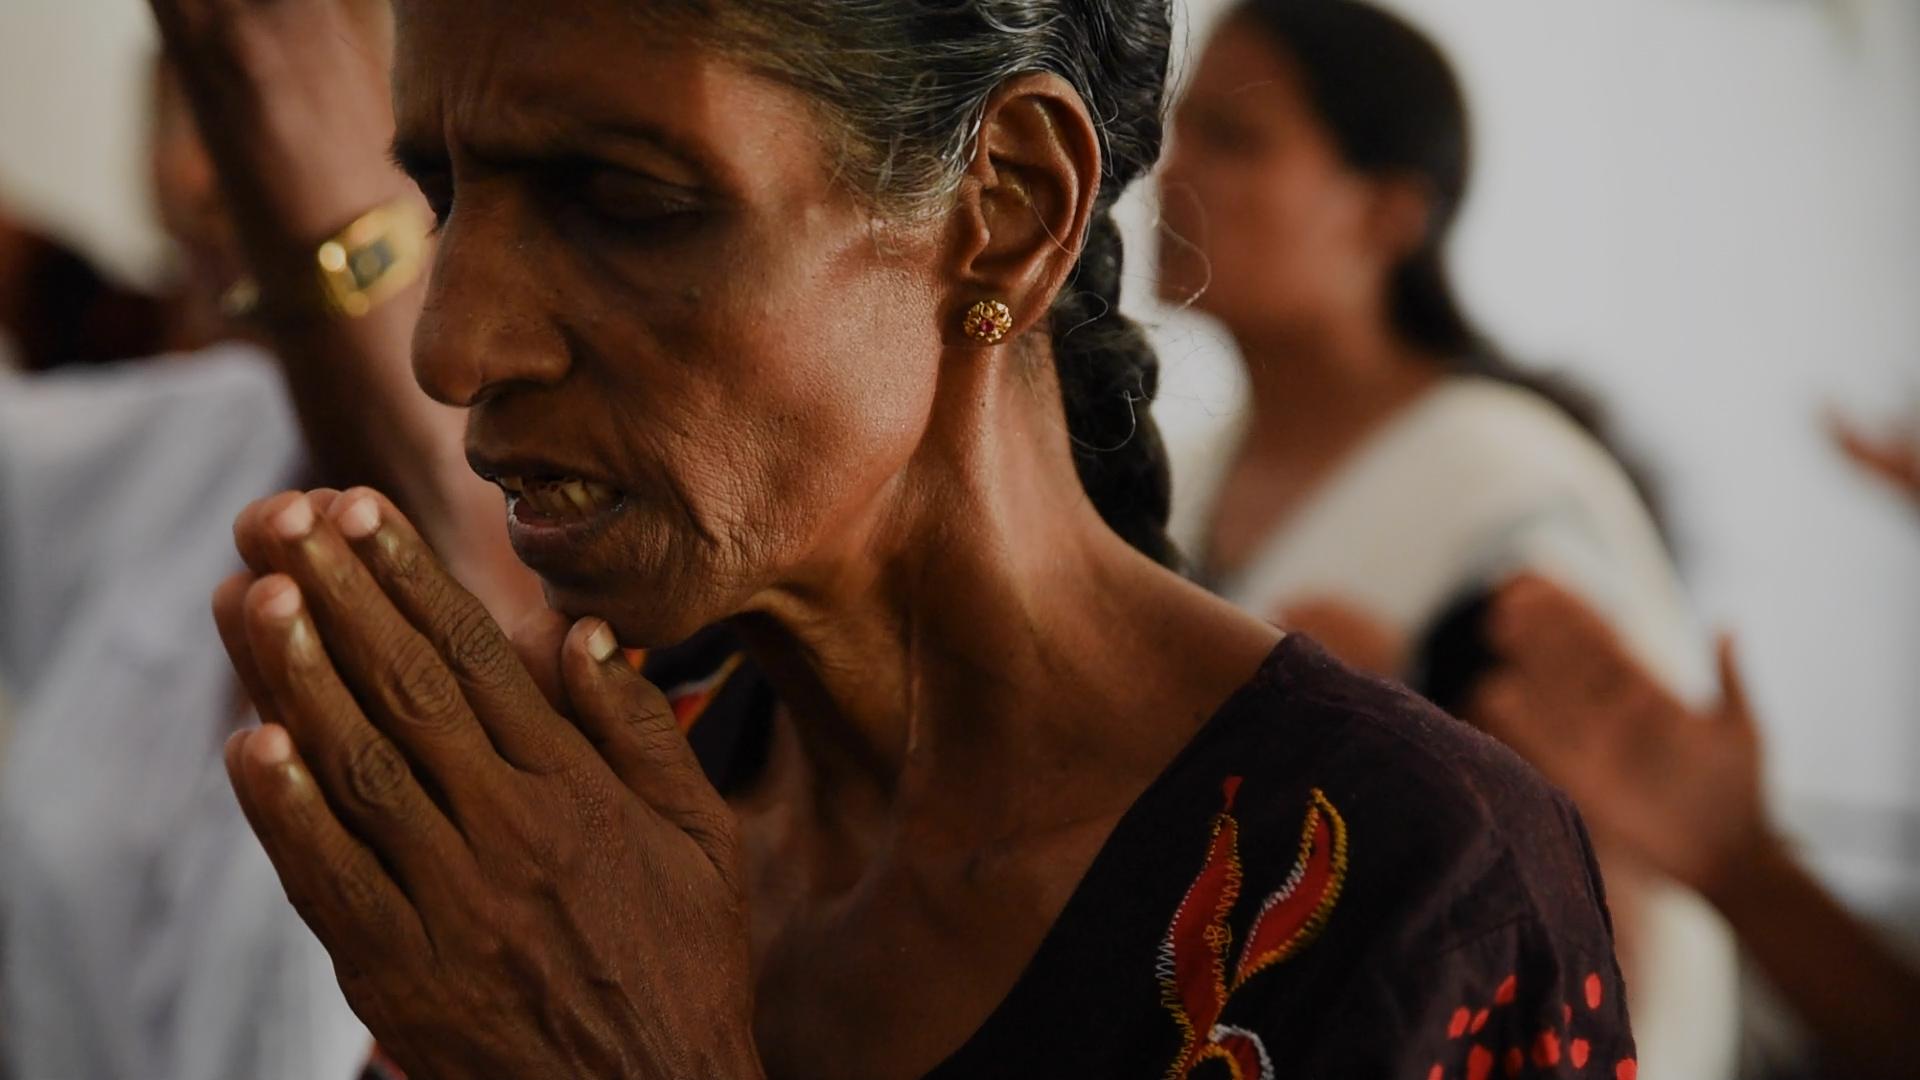 SriLankanLadyPraying.jpg